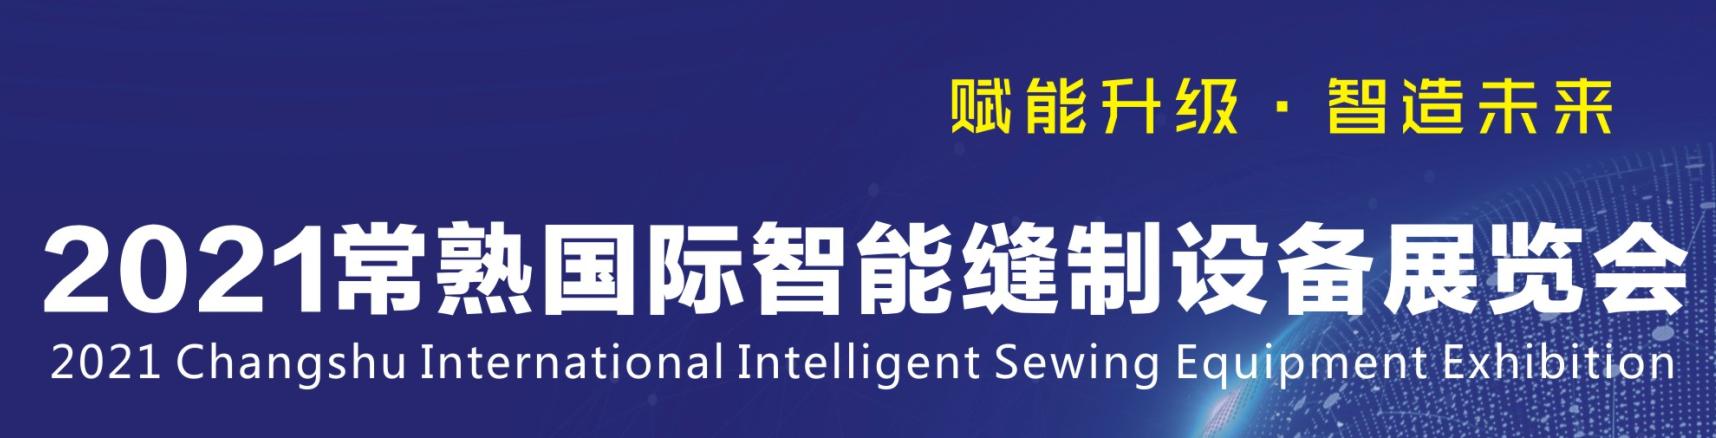 2021常熟國際智能縫制設備展覽會